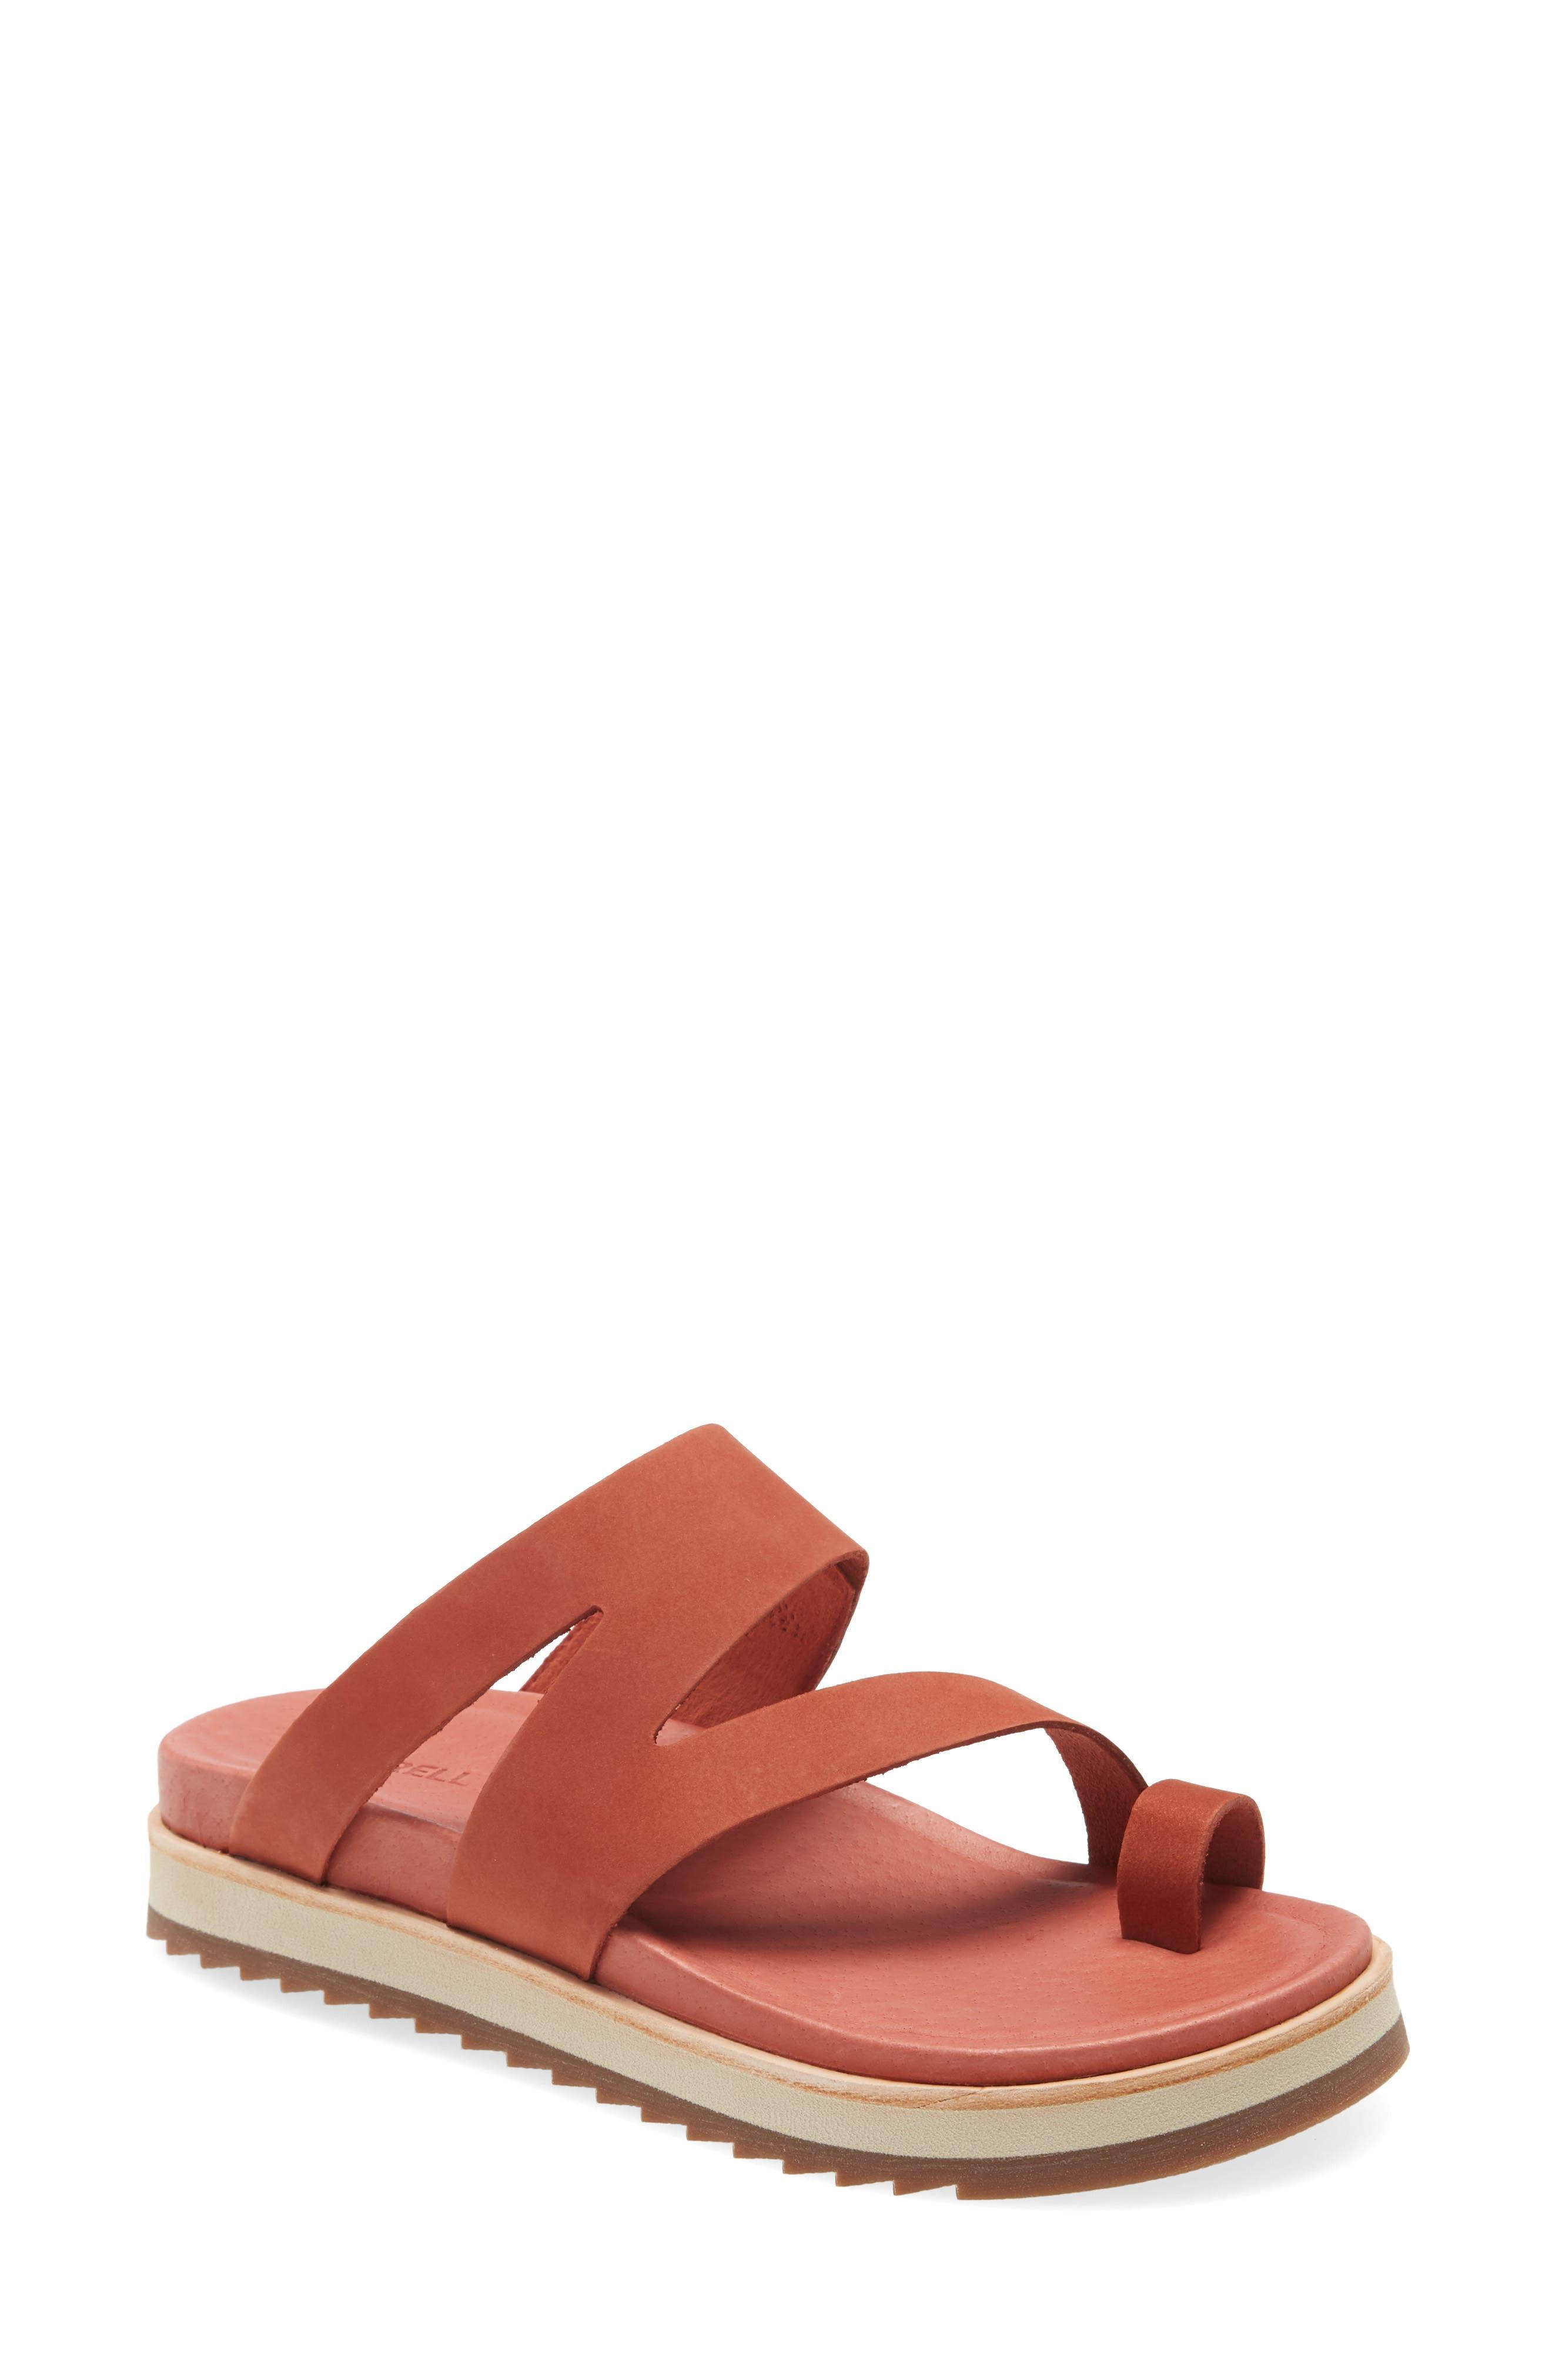 Image of Merrell Juno Slide Sandal